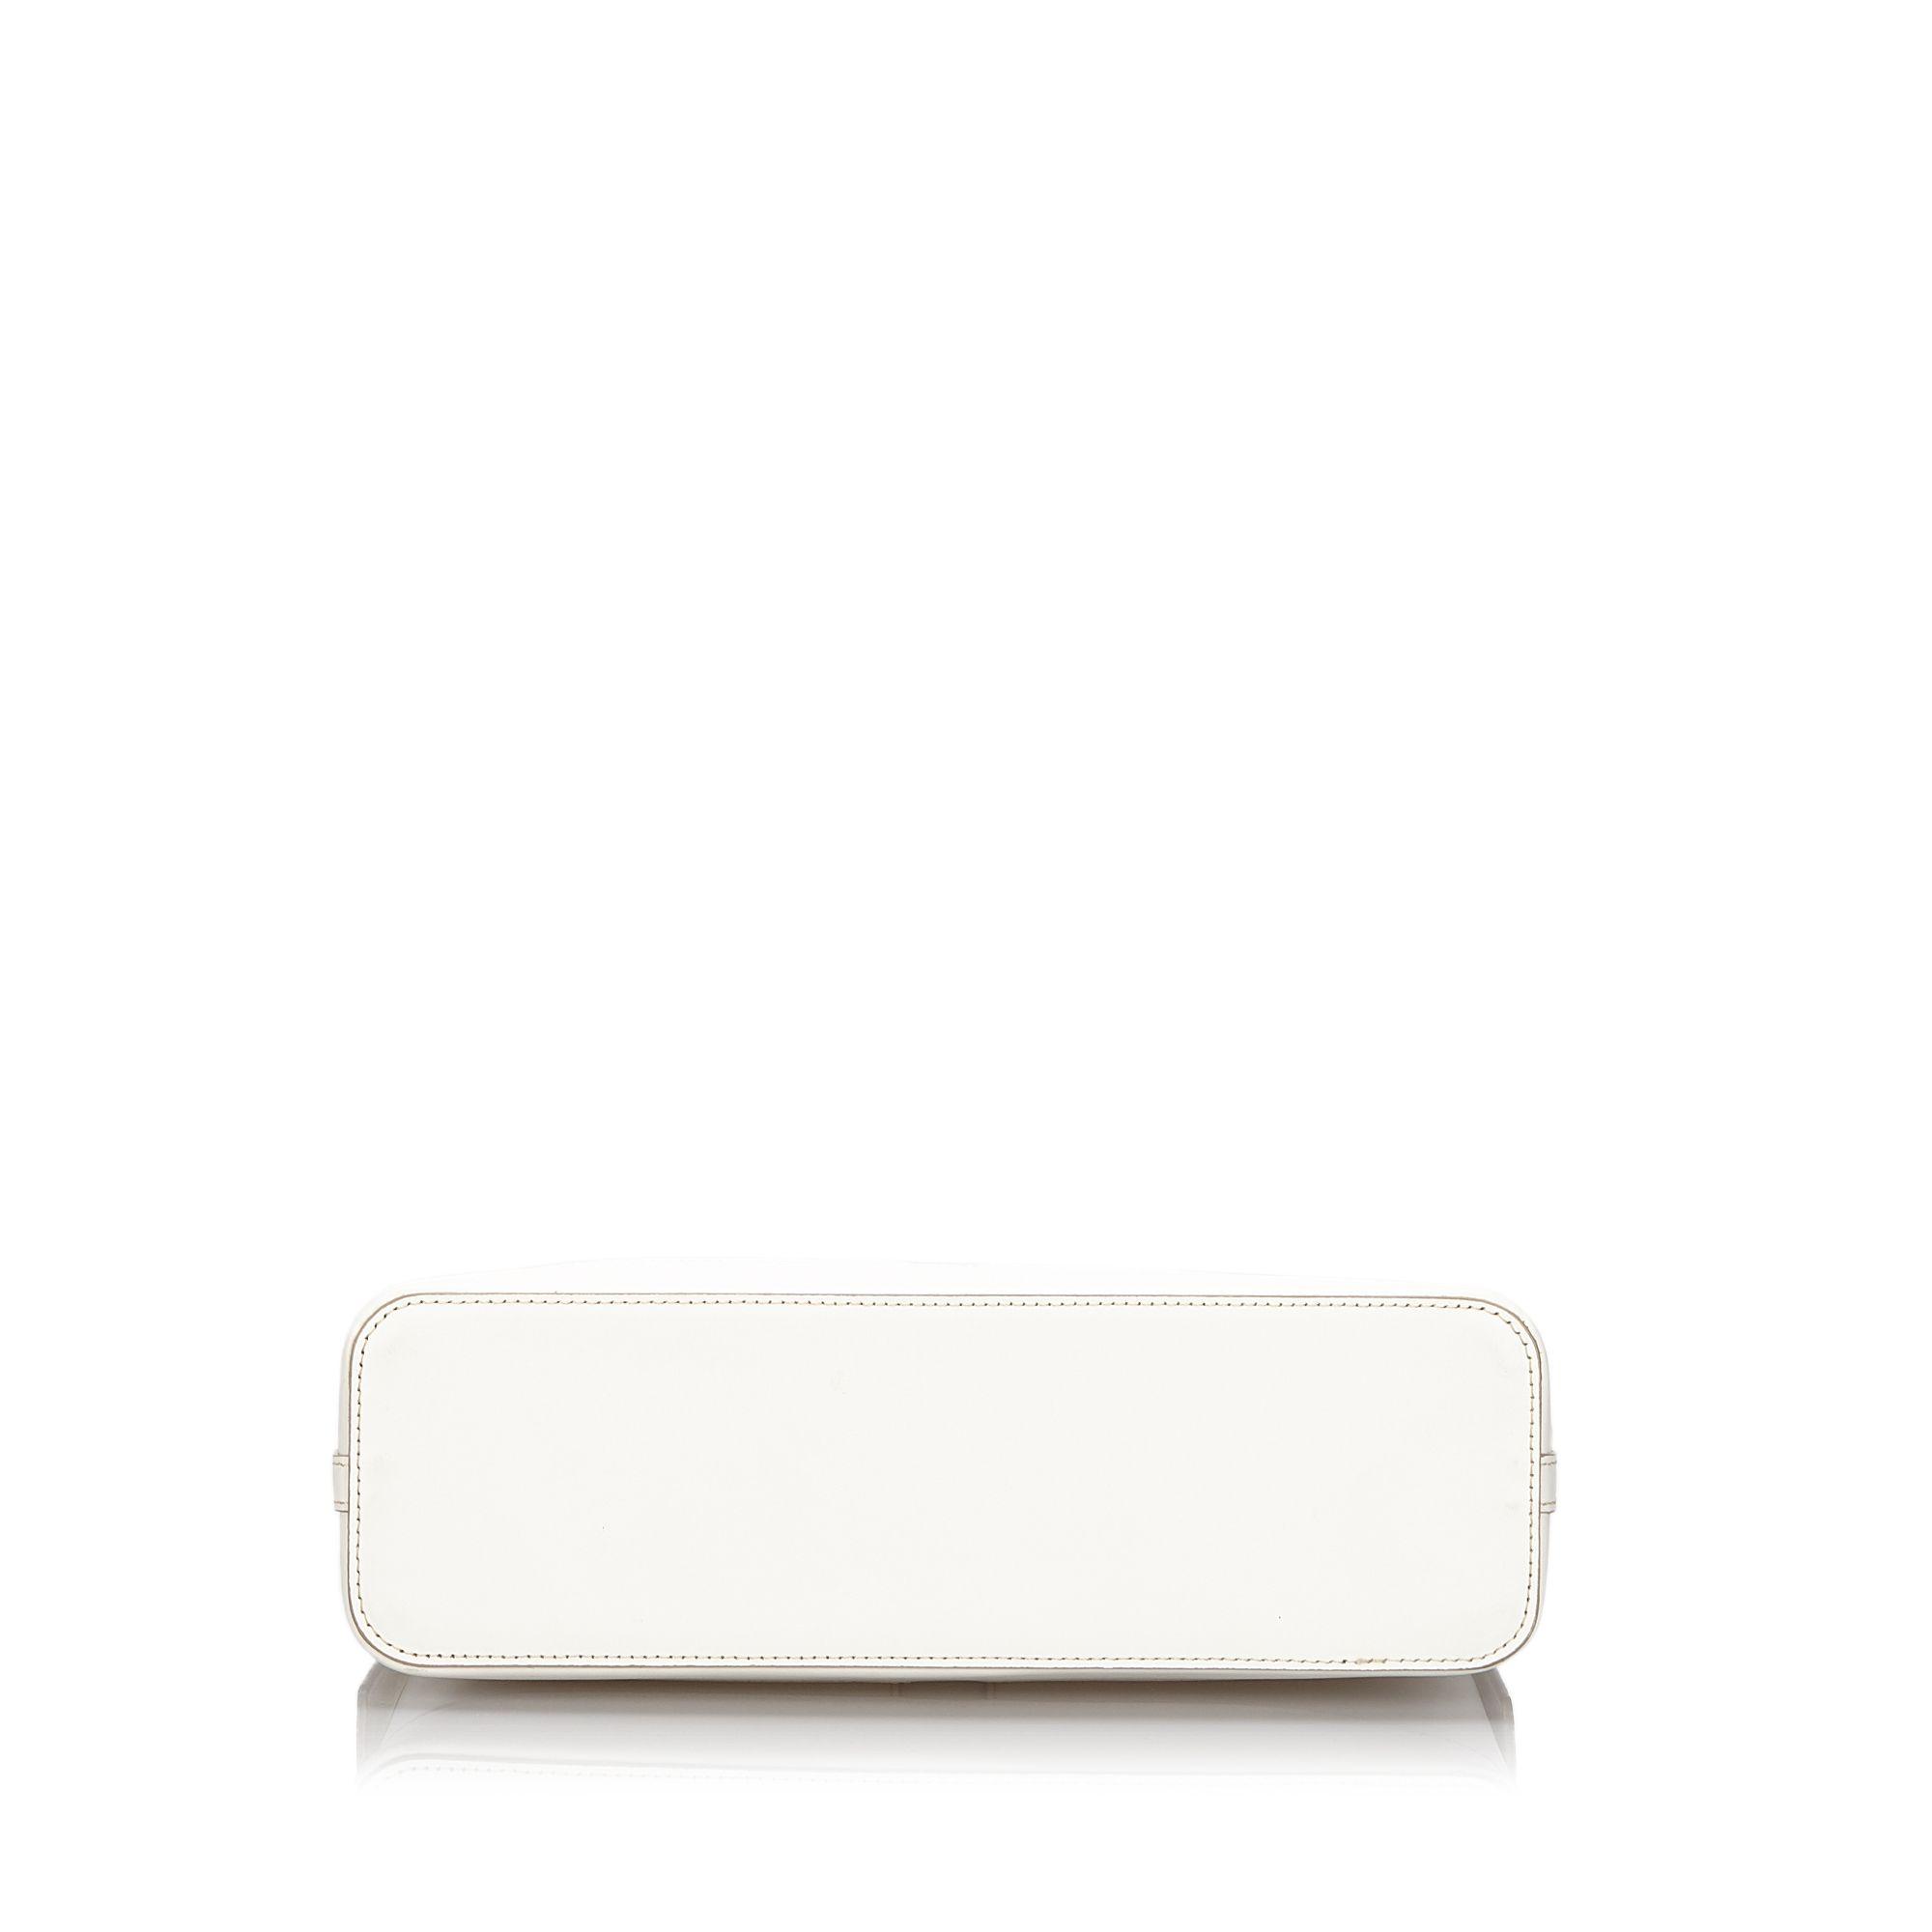 Vintage Burberry Leather Shoulder Bag White